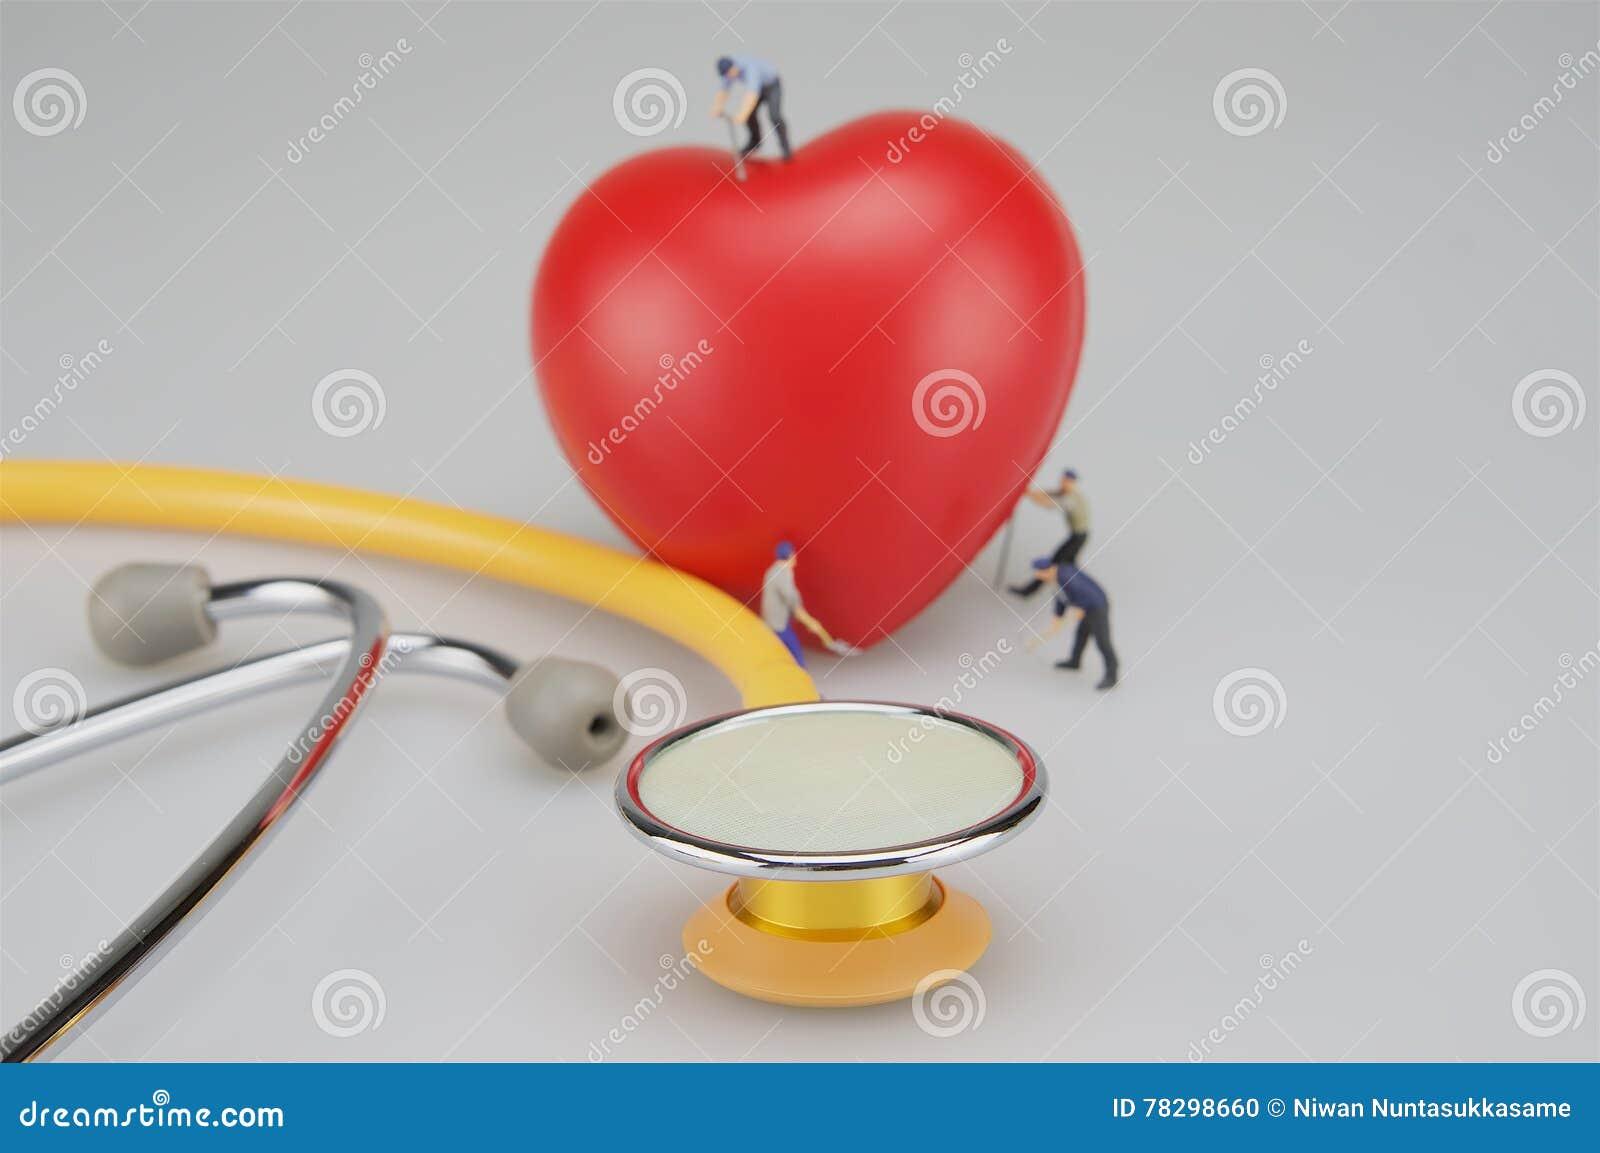 Miniaturleute und rotes Herz nahe Stethoskop